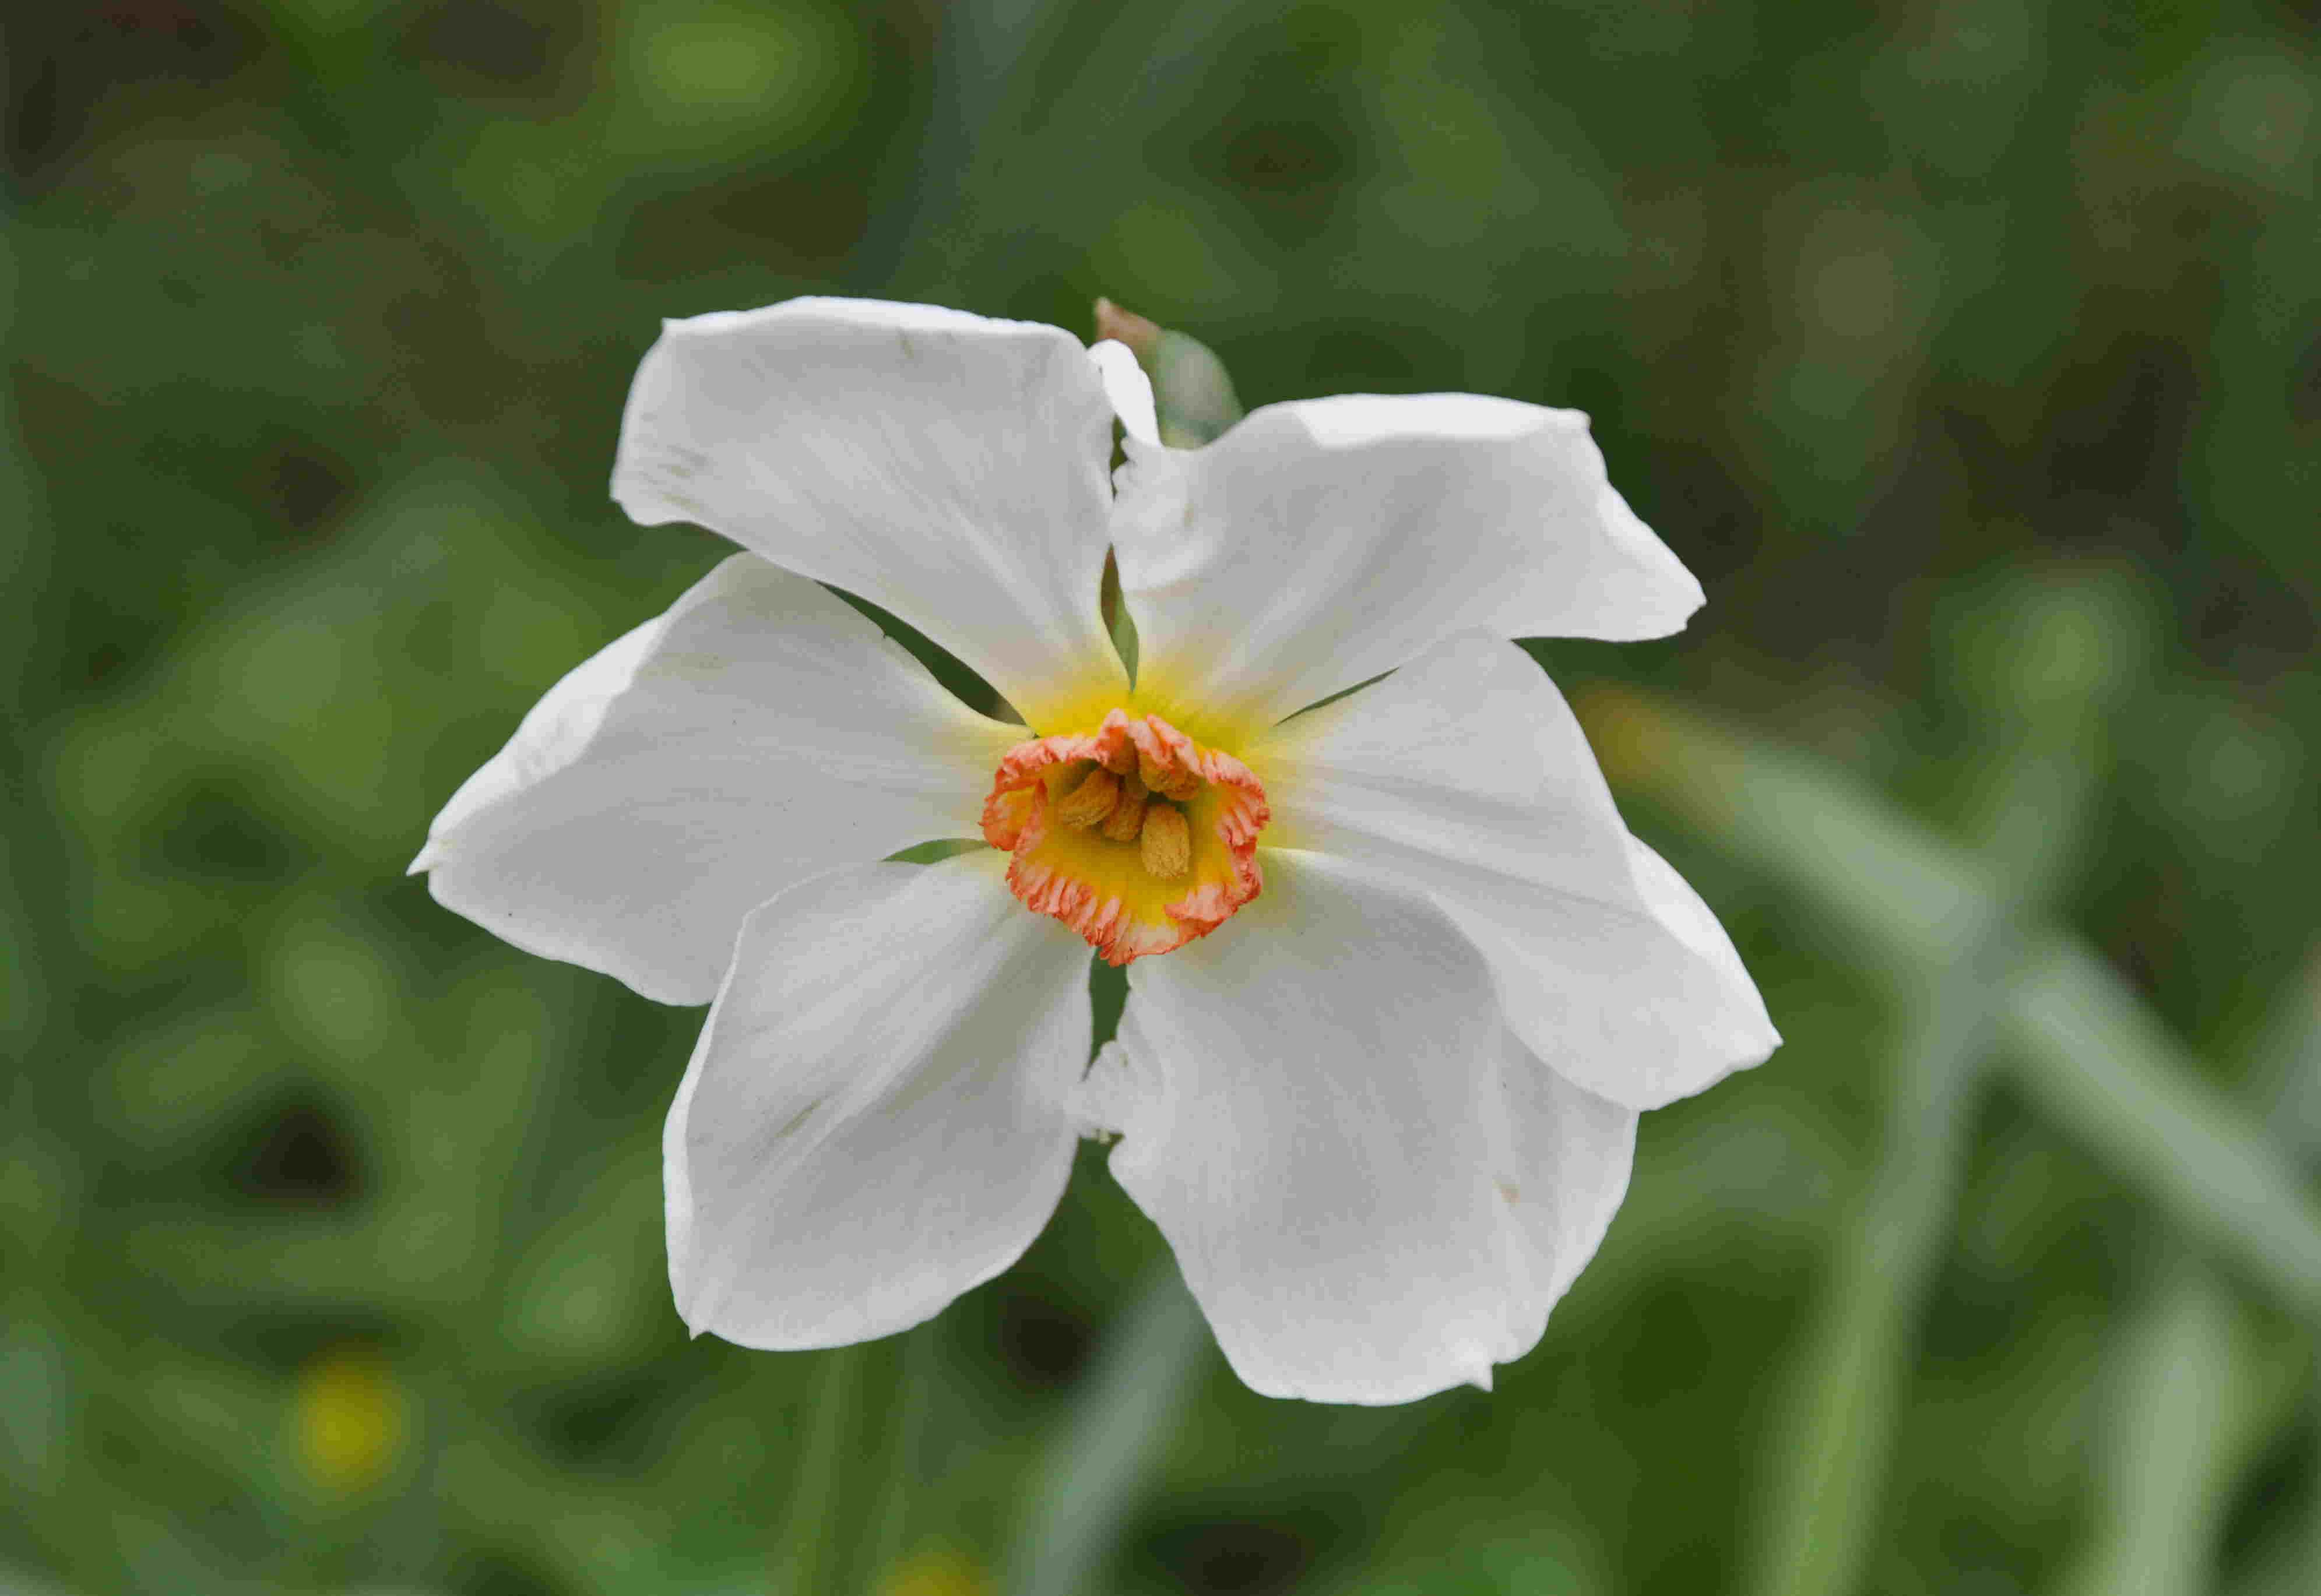 Pingstliljor och påskliljor återkommer år från år i rabatten.